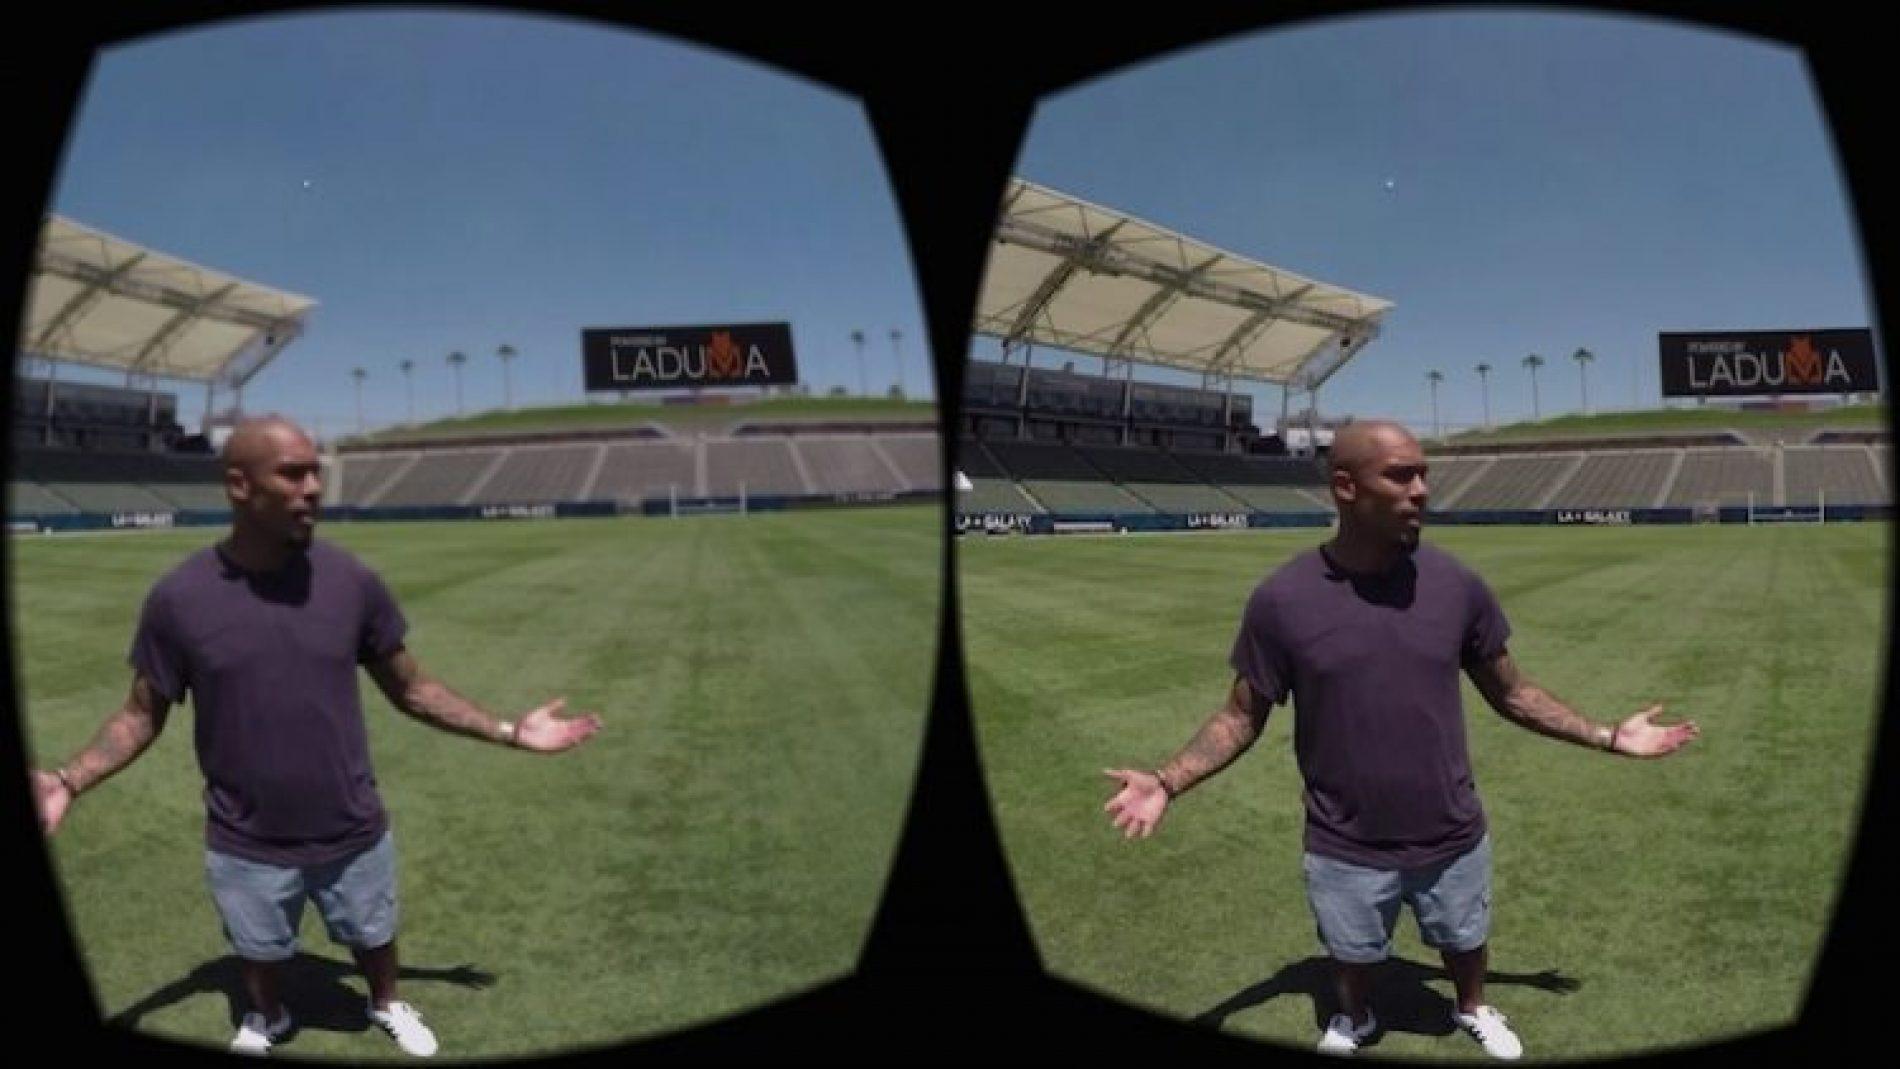 Les stars du LA Galaxy en réalité virtuelle avec Laduma